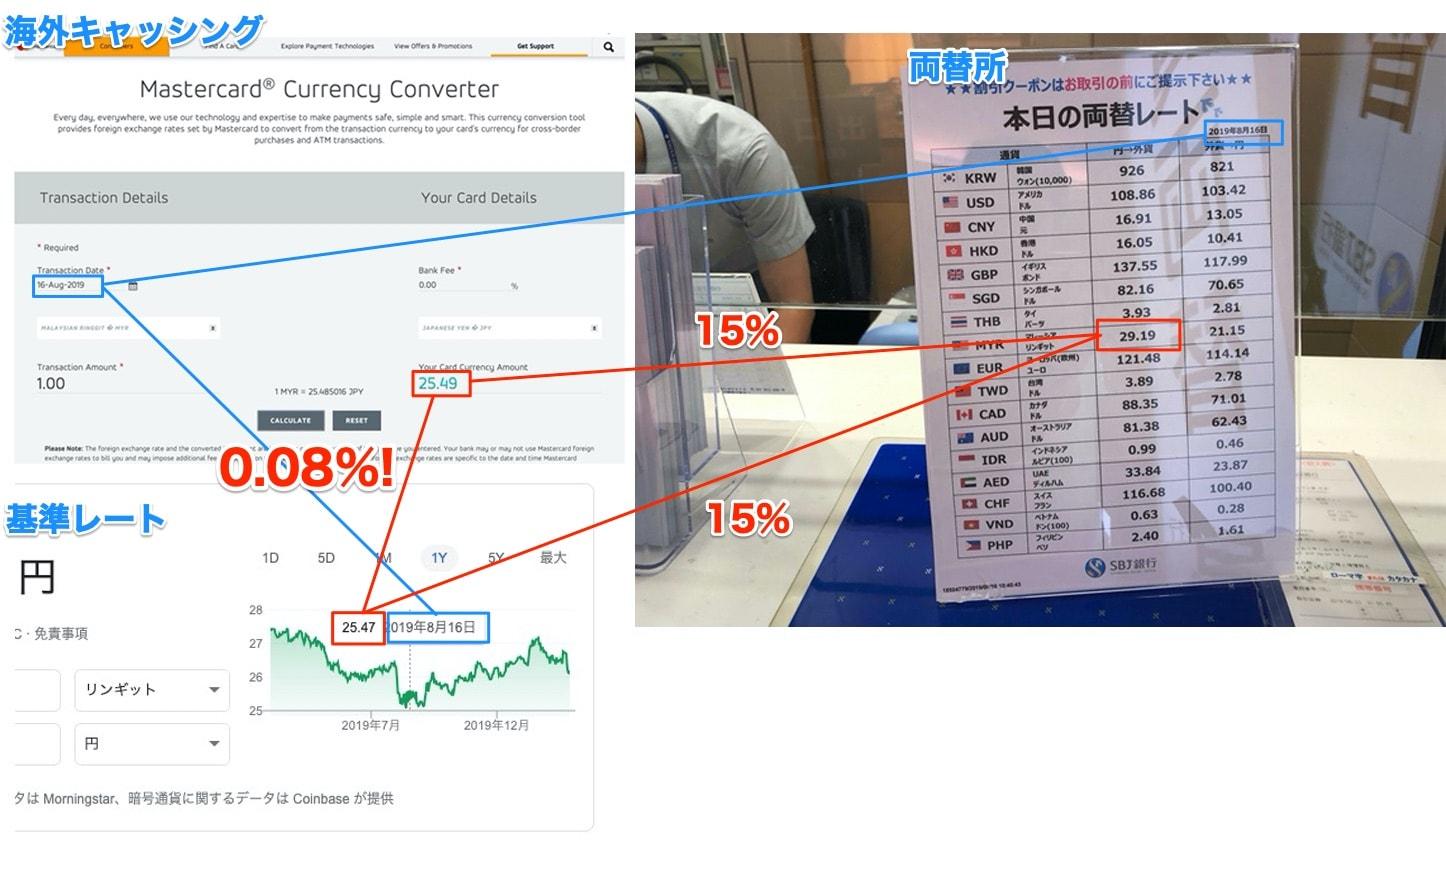 基準レートと両替所とセディナの両替レート比較